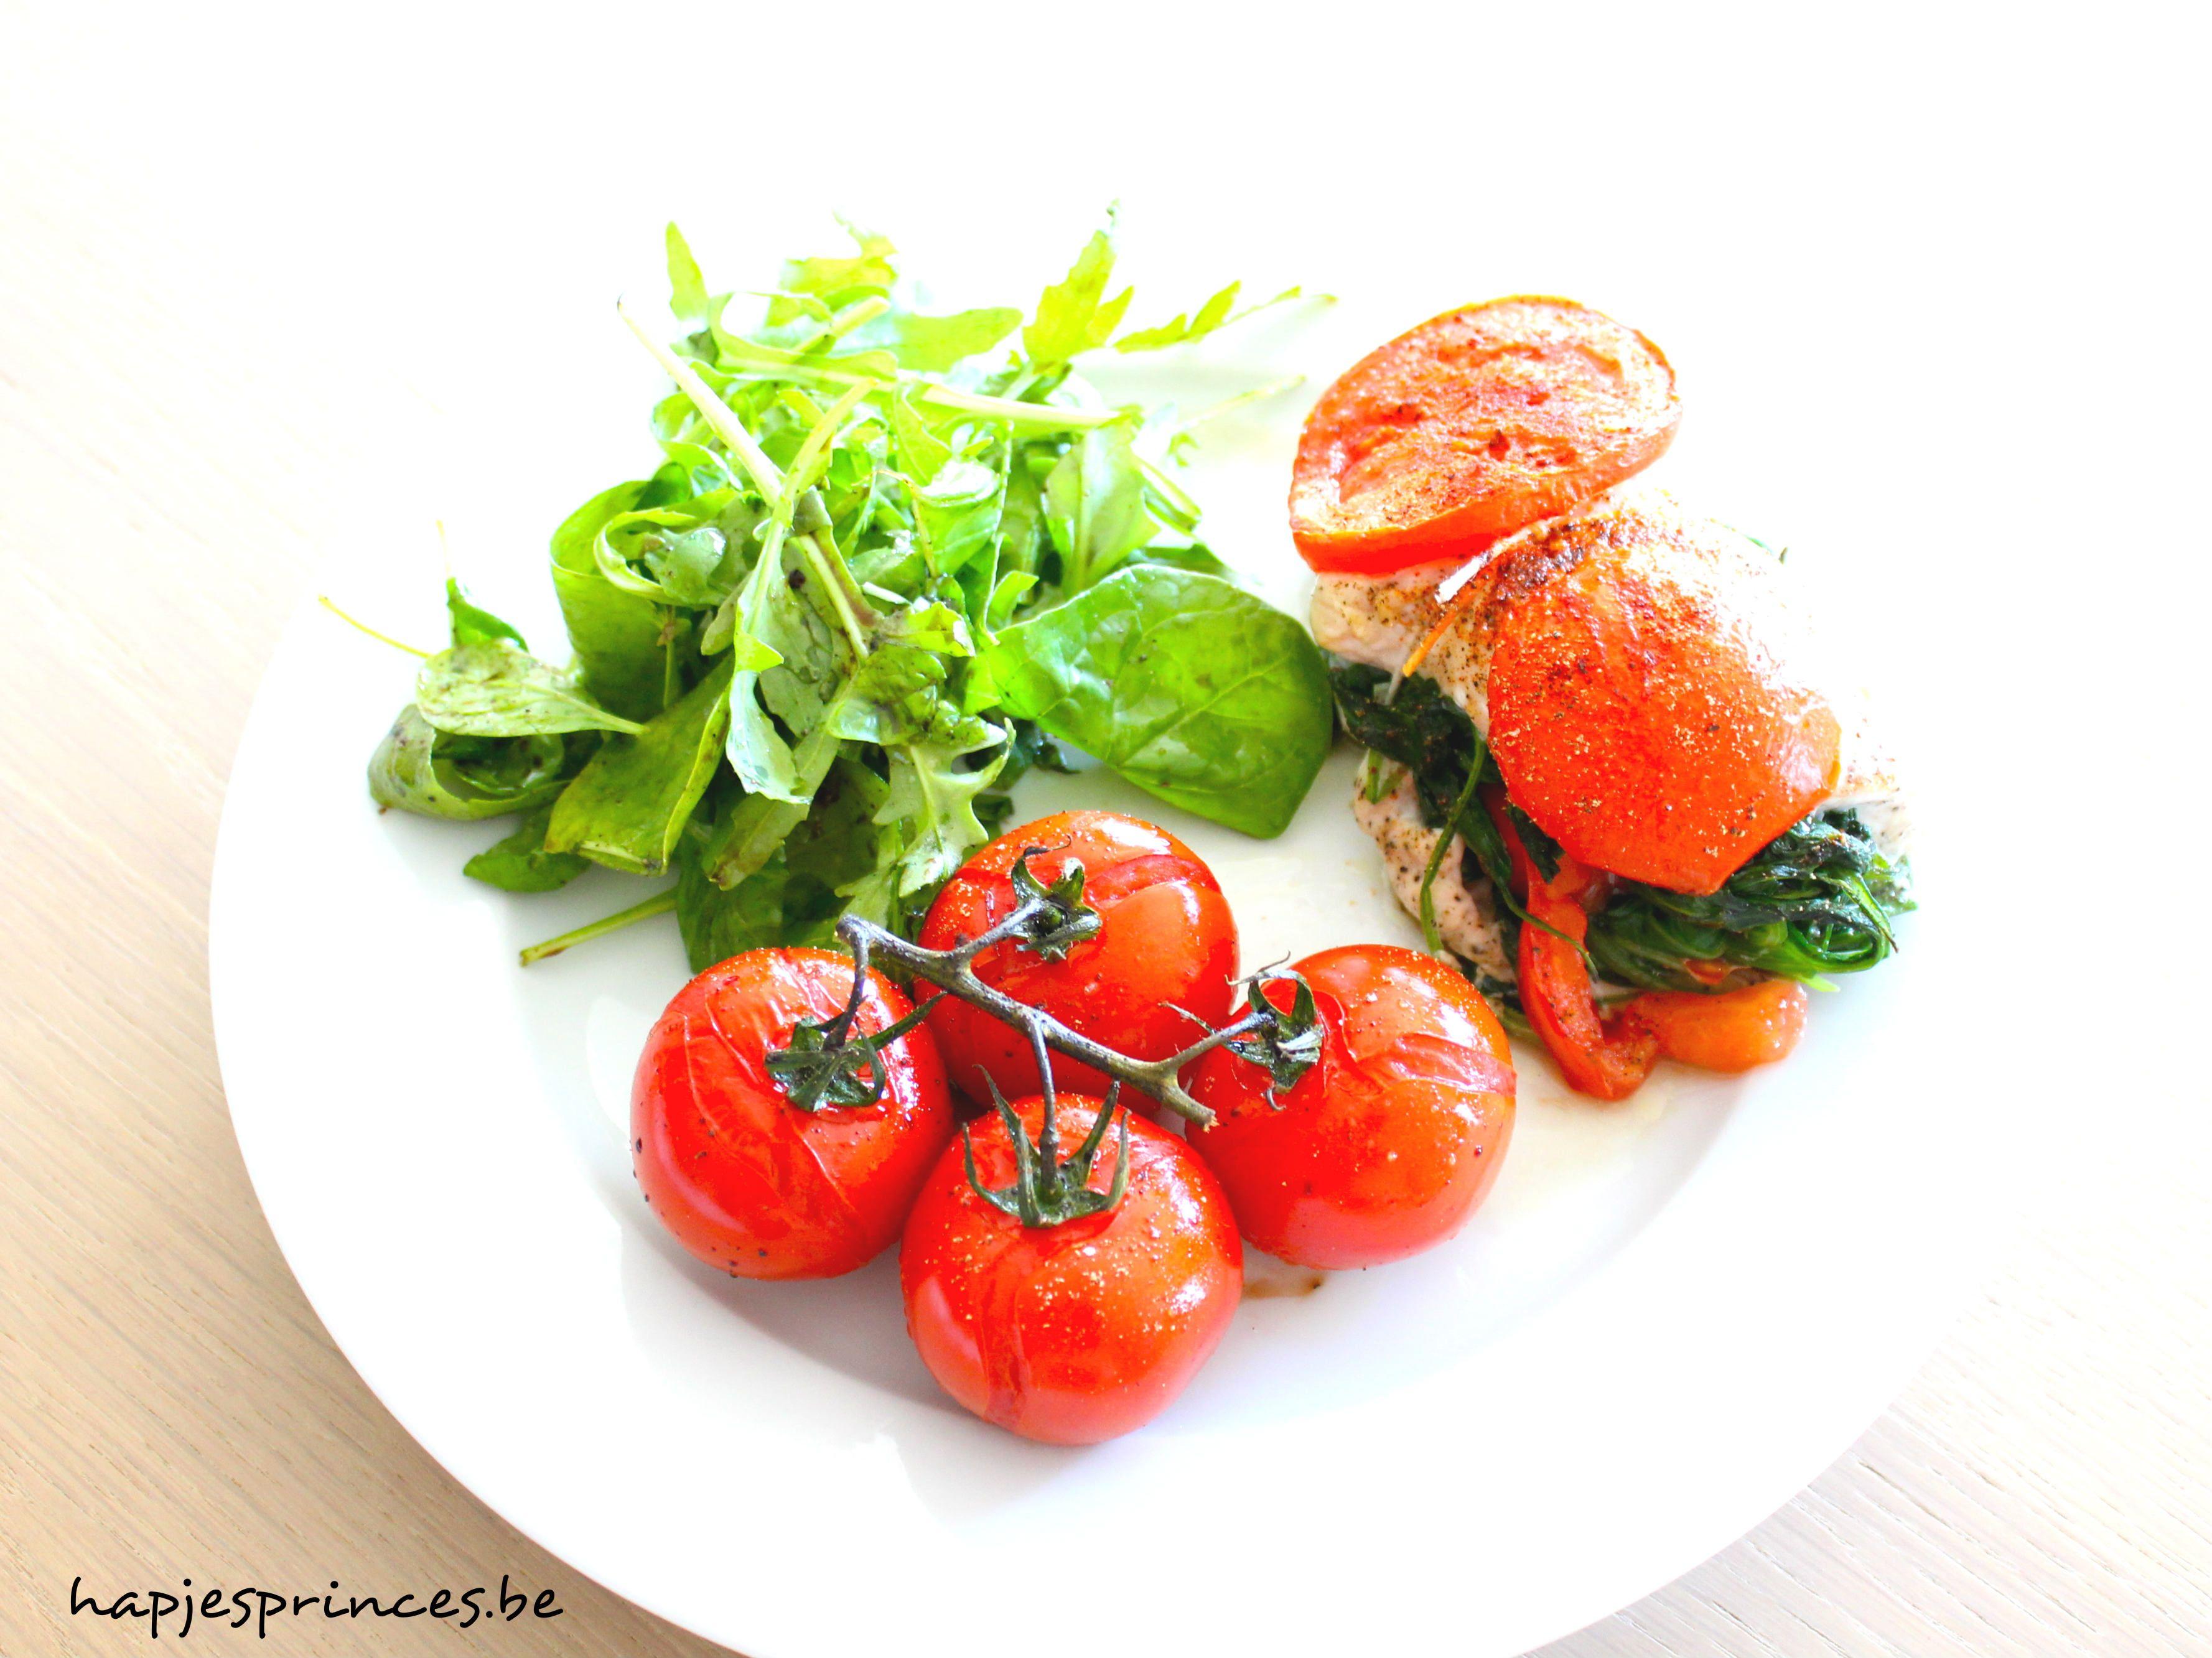 Deze kipfilet opgevuld met spinazie en tomaat. Heel eenvoudig, lekker en gezond. Geïnspireerd op een recept van Pascale Naessens.